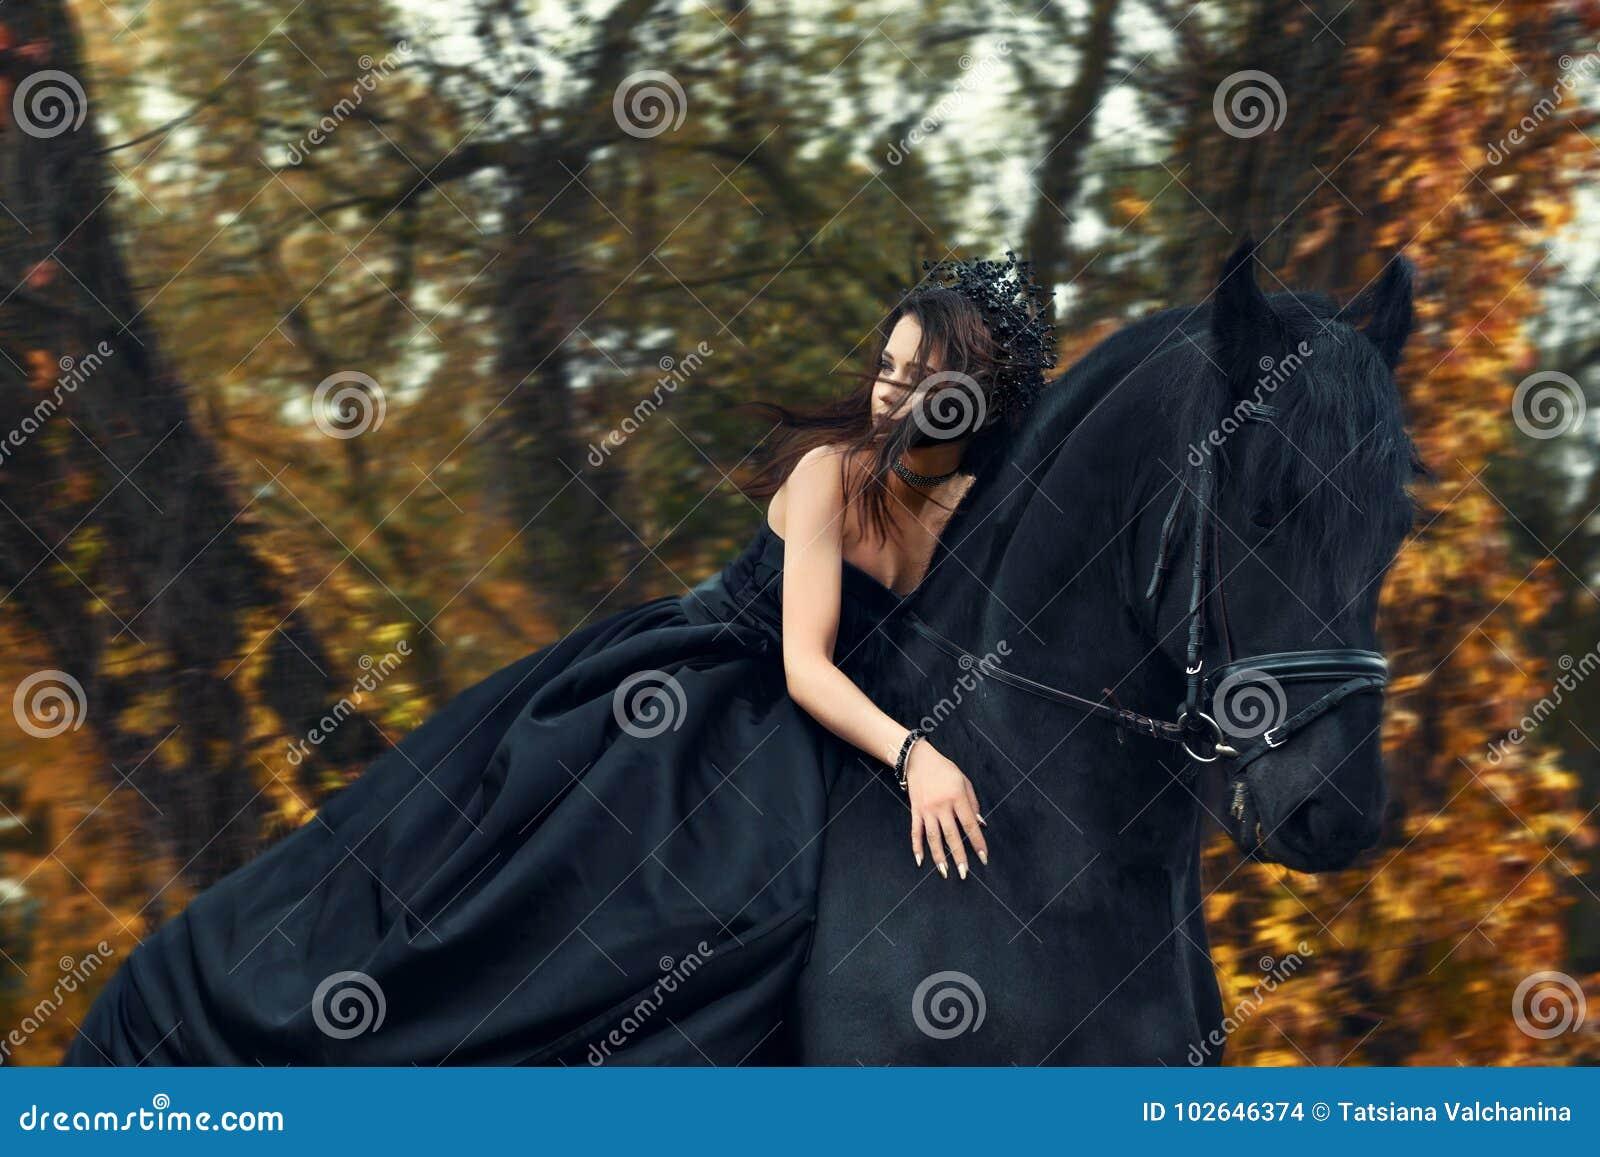 Heks van de meisjes de zwarte koningin in zwarte kleding en tiara berijdende horseback op een Friesian paard